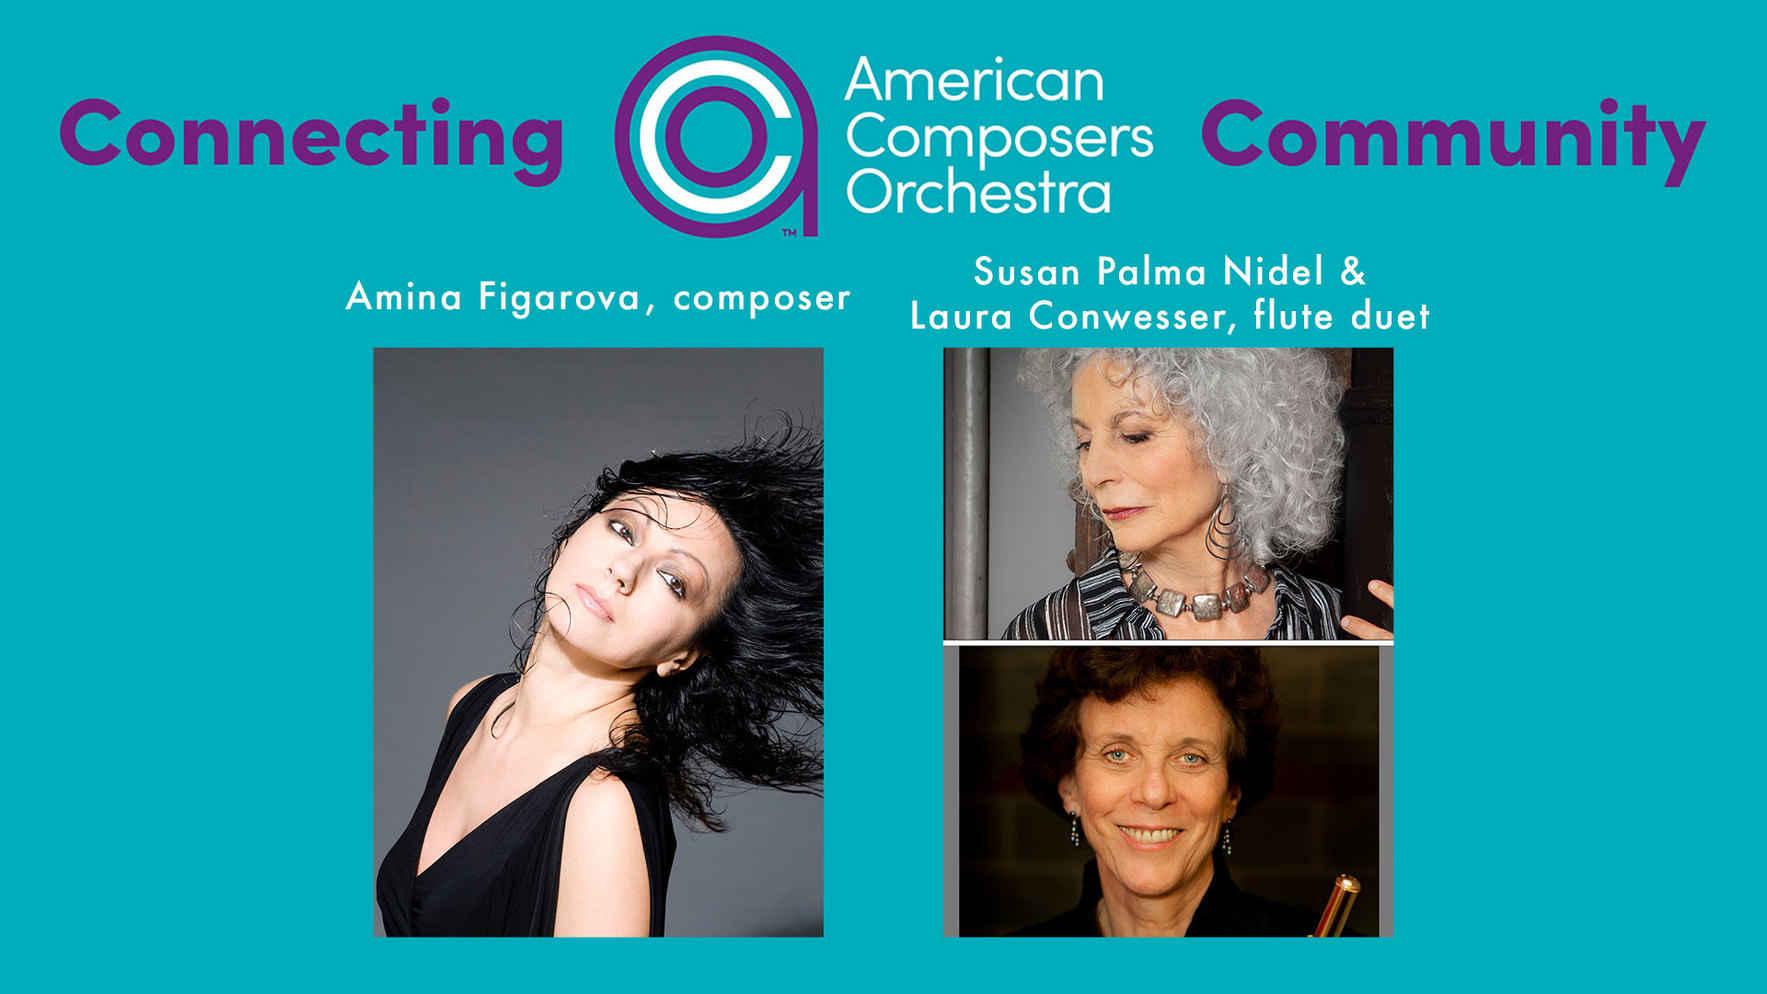 Connecting ACO Community - Amina Figarova, Susan Palma Nidel, & Laura Conwesser image